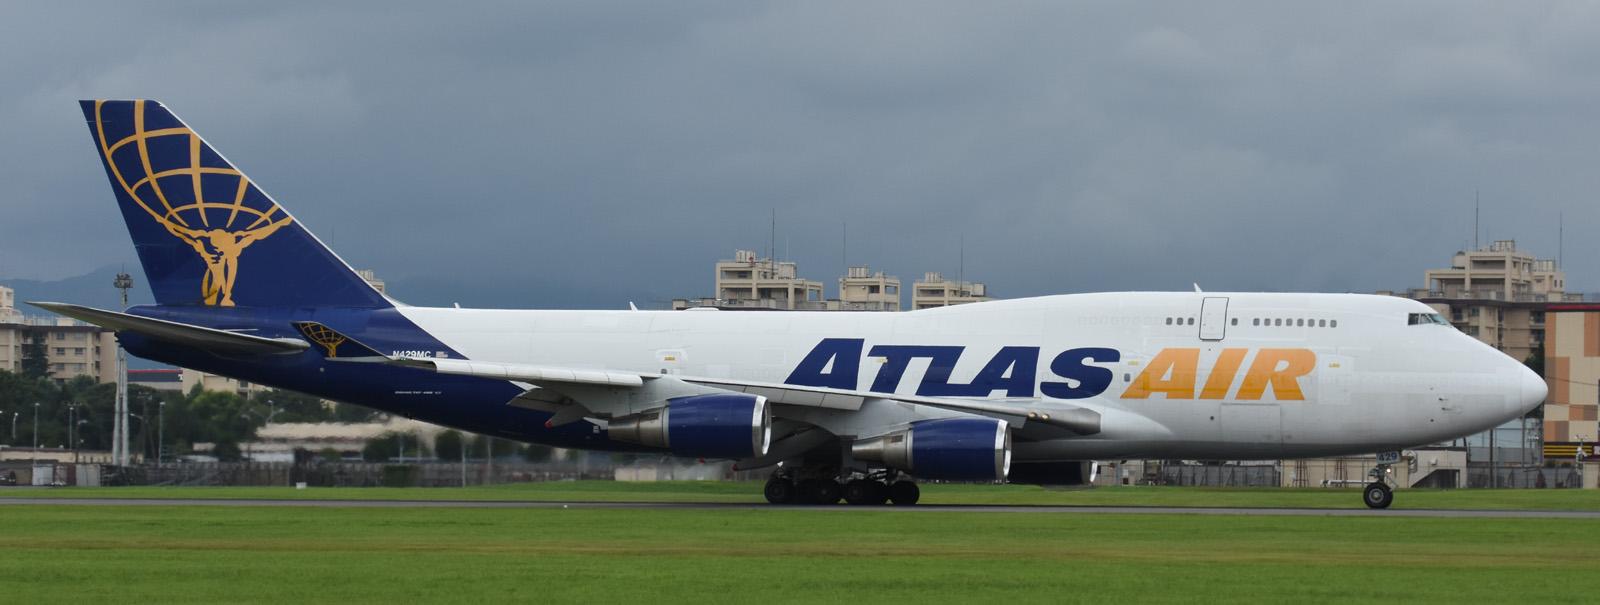 Atlas170820g524